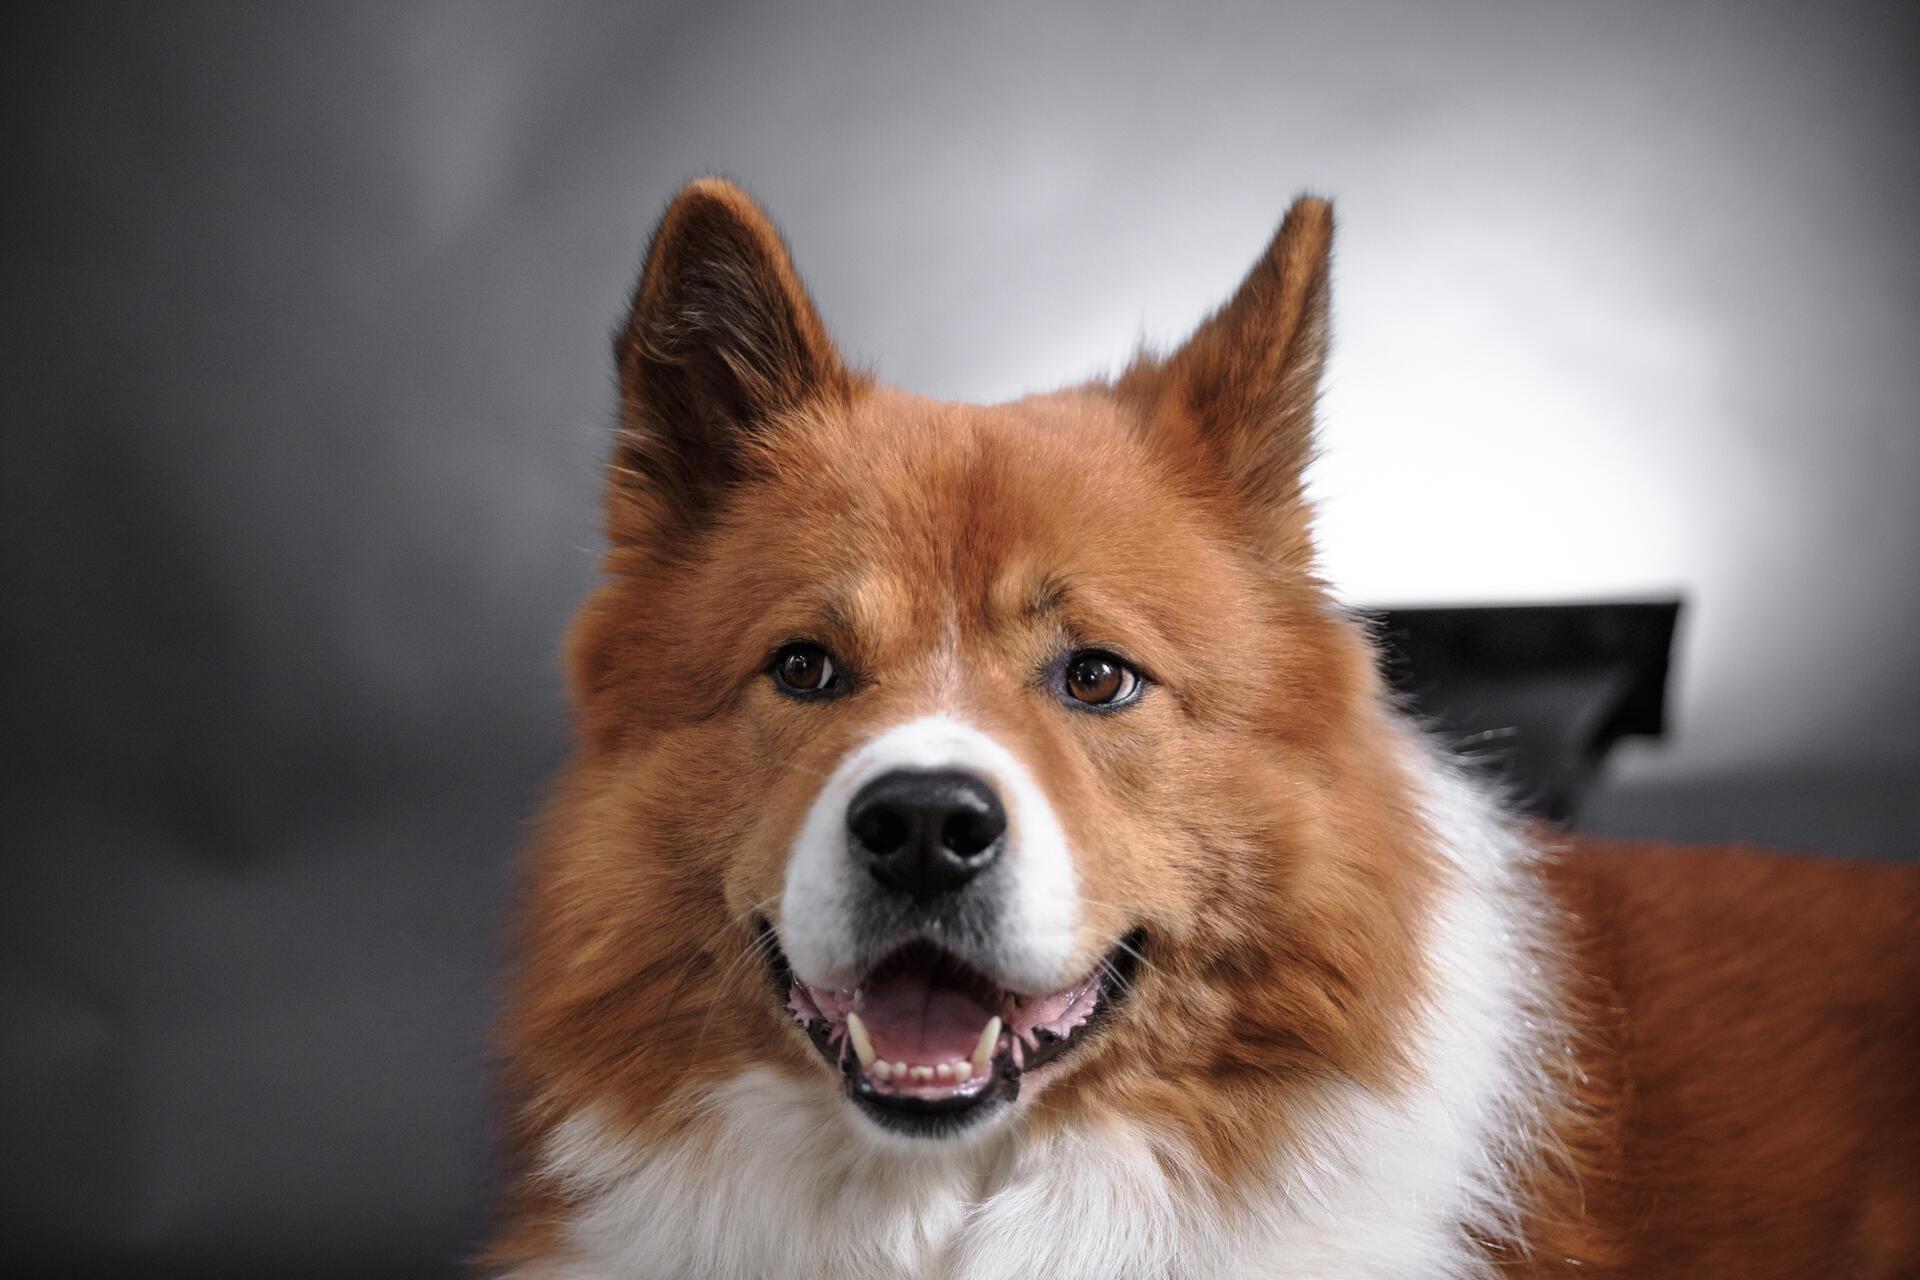 Bürohund Gismo als Maßnahme in der Mitarbeiterbindung